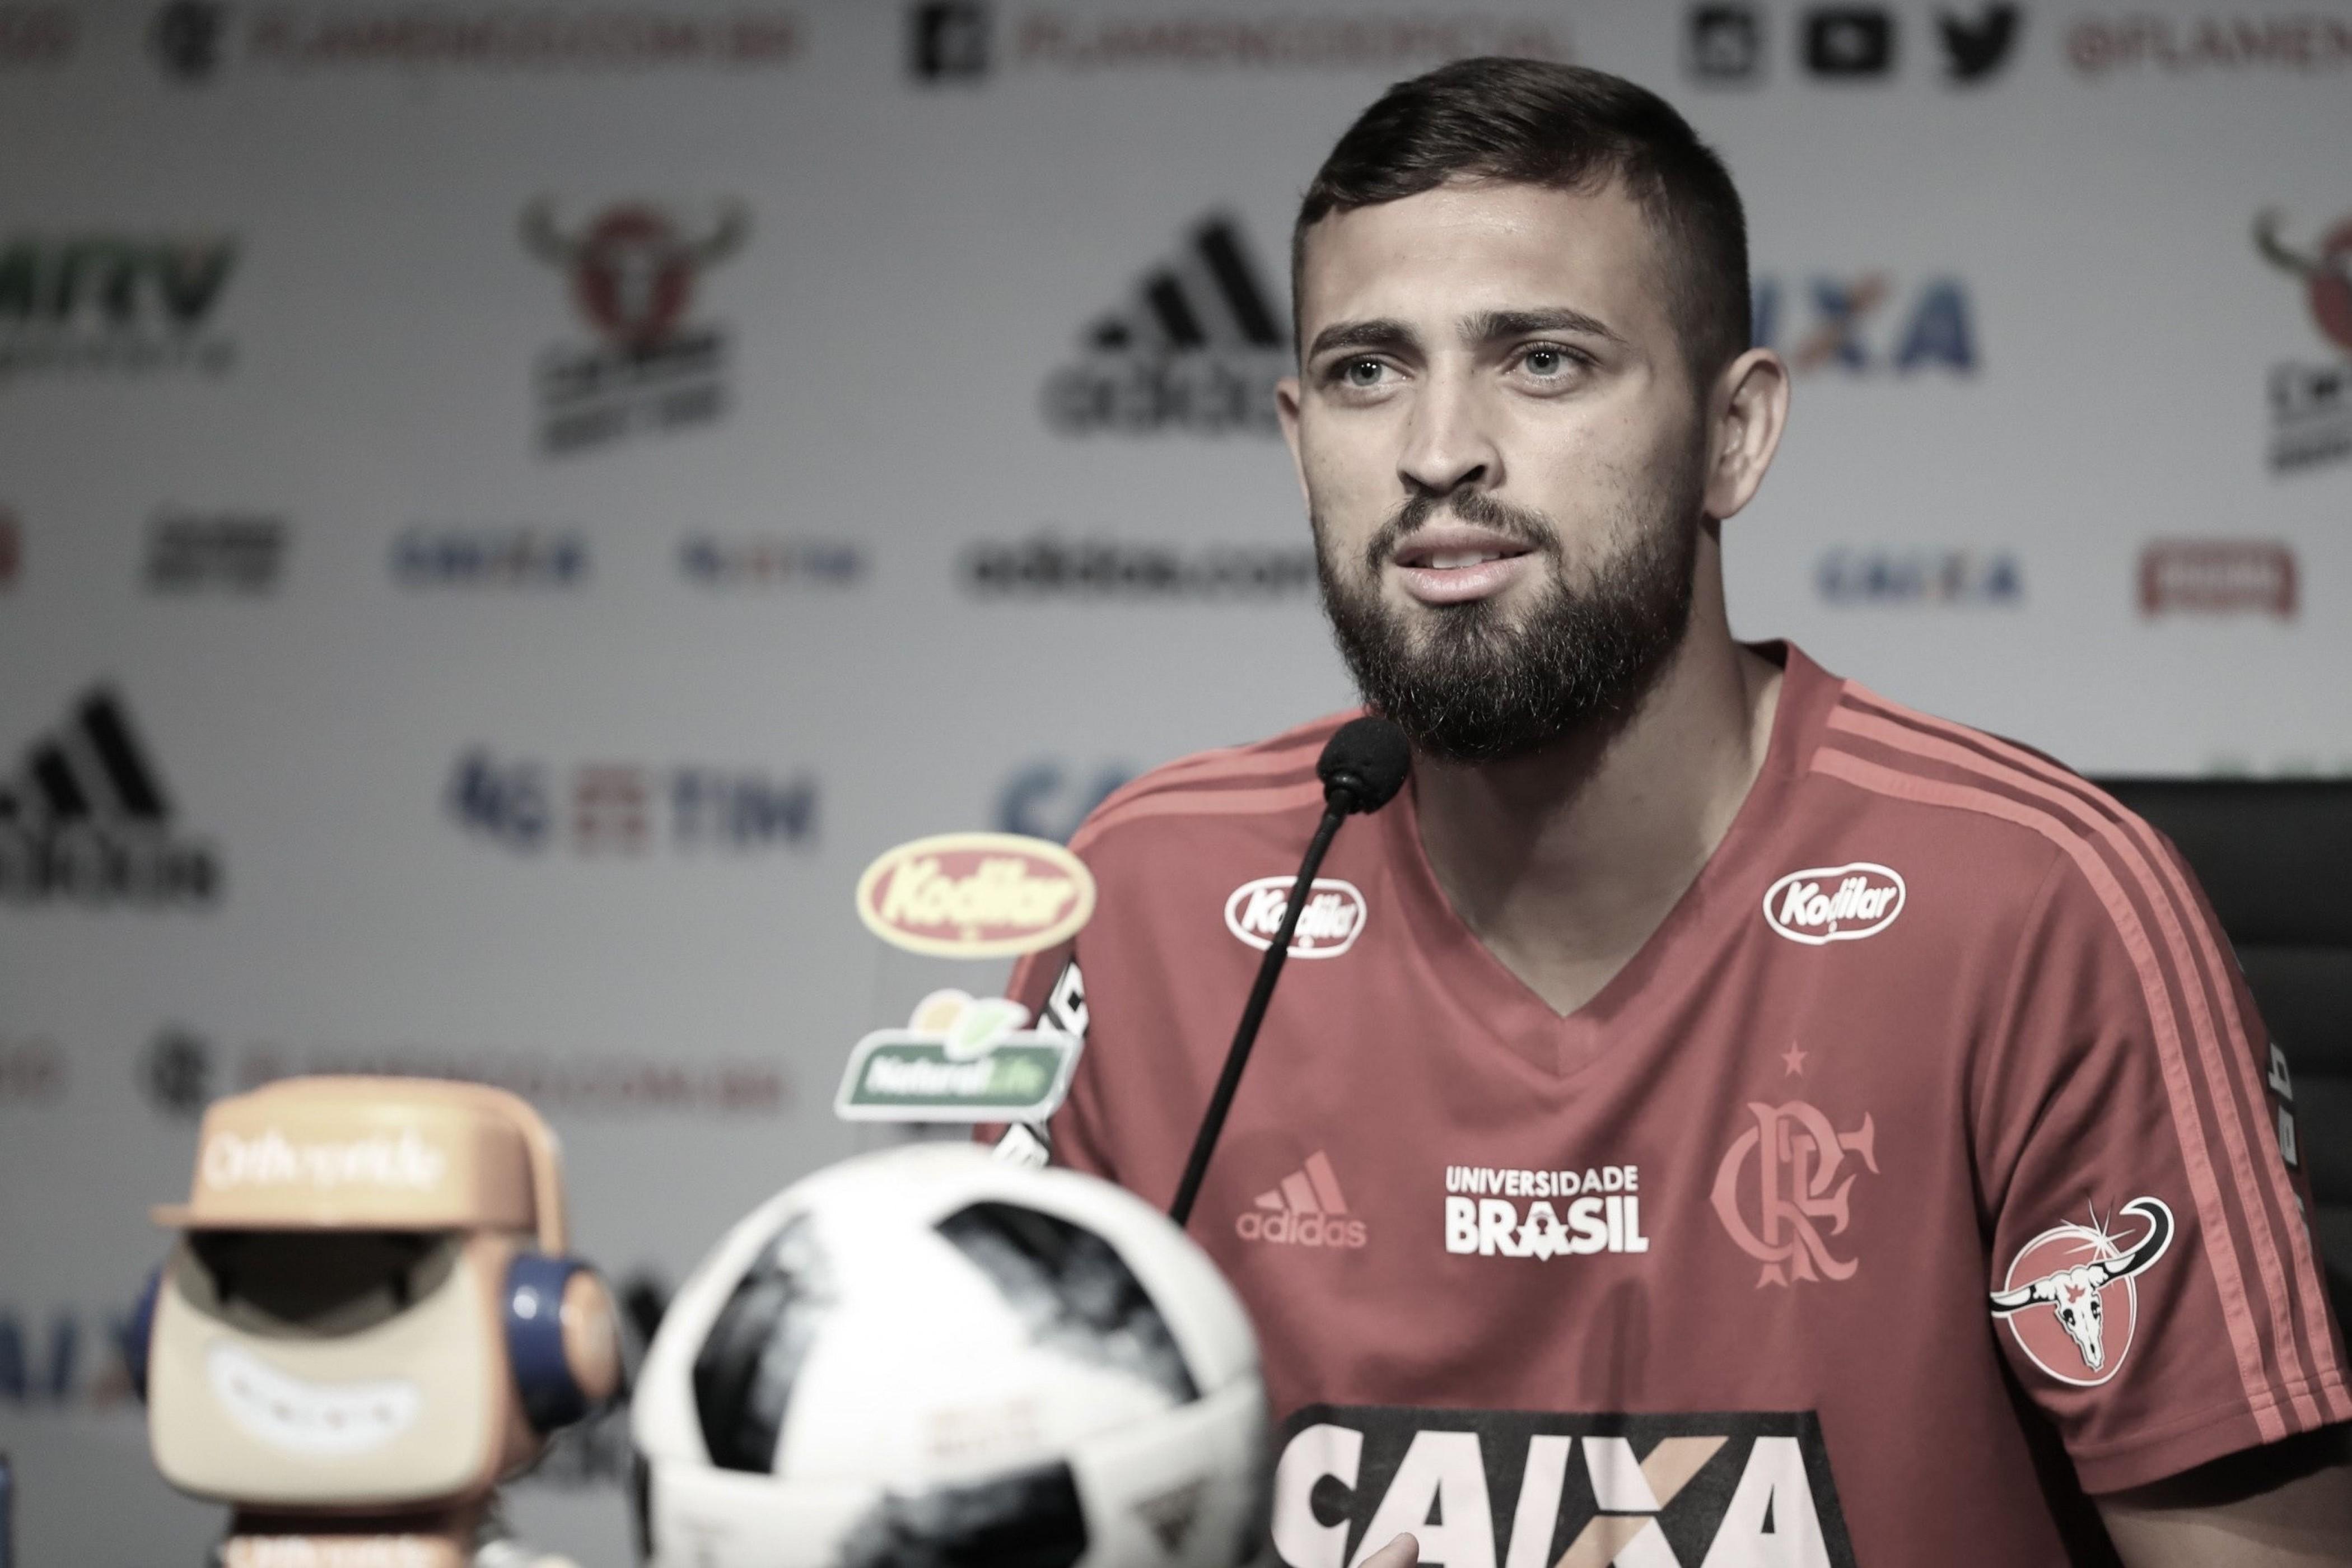 """Léo Duarte sai em defesa de Barbieri e cobra melhora no desempenho: """"Precisamos evoluir"""""""